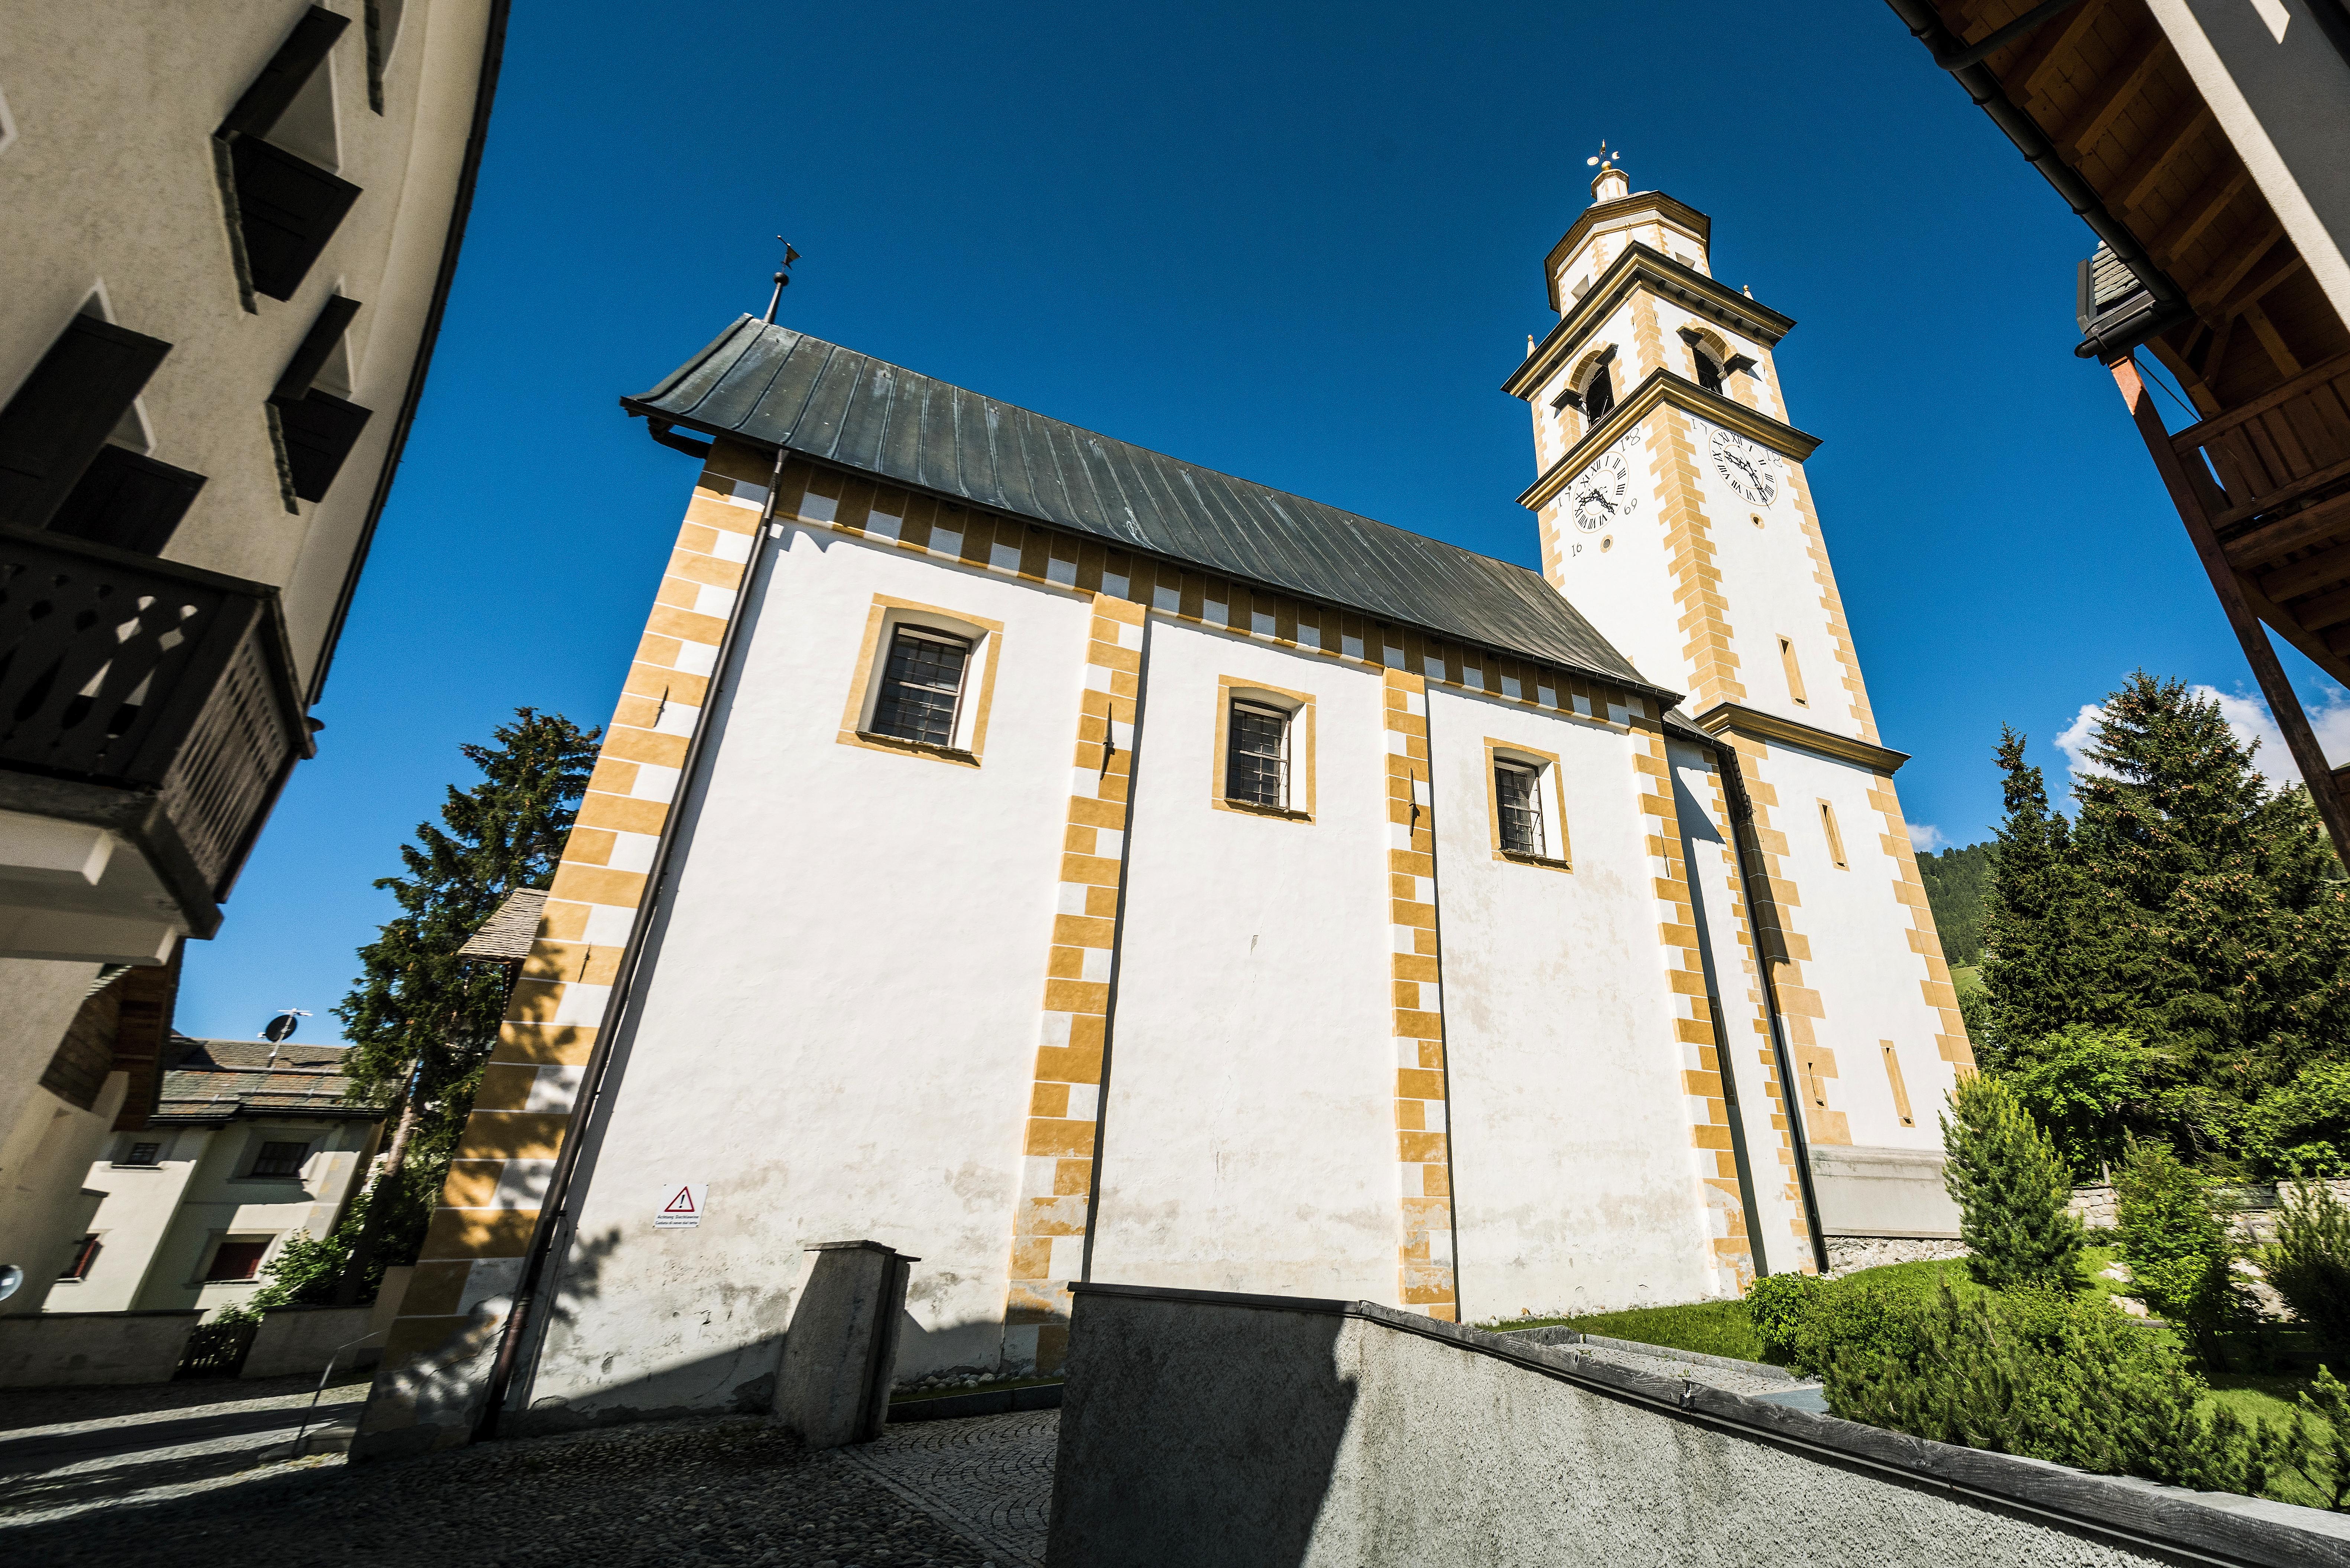 Reformierte Kirche Bel Taimpel Slide 2